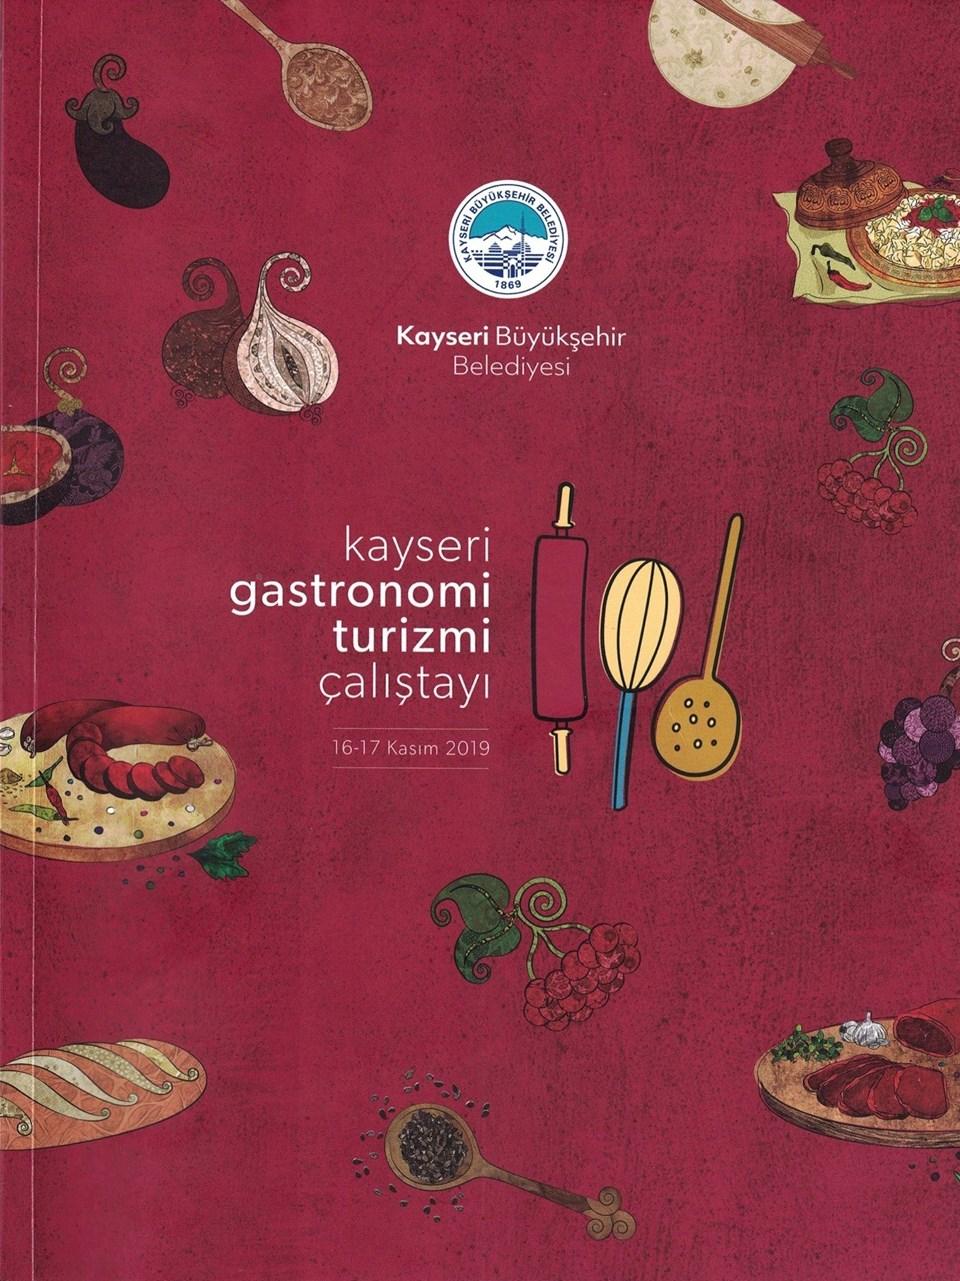 Kayseri'nin zengin mutfağı geleceğe miras kalacak